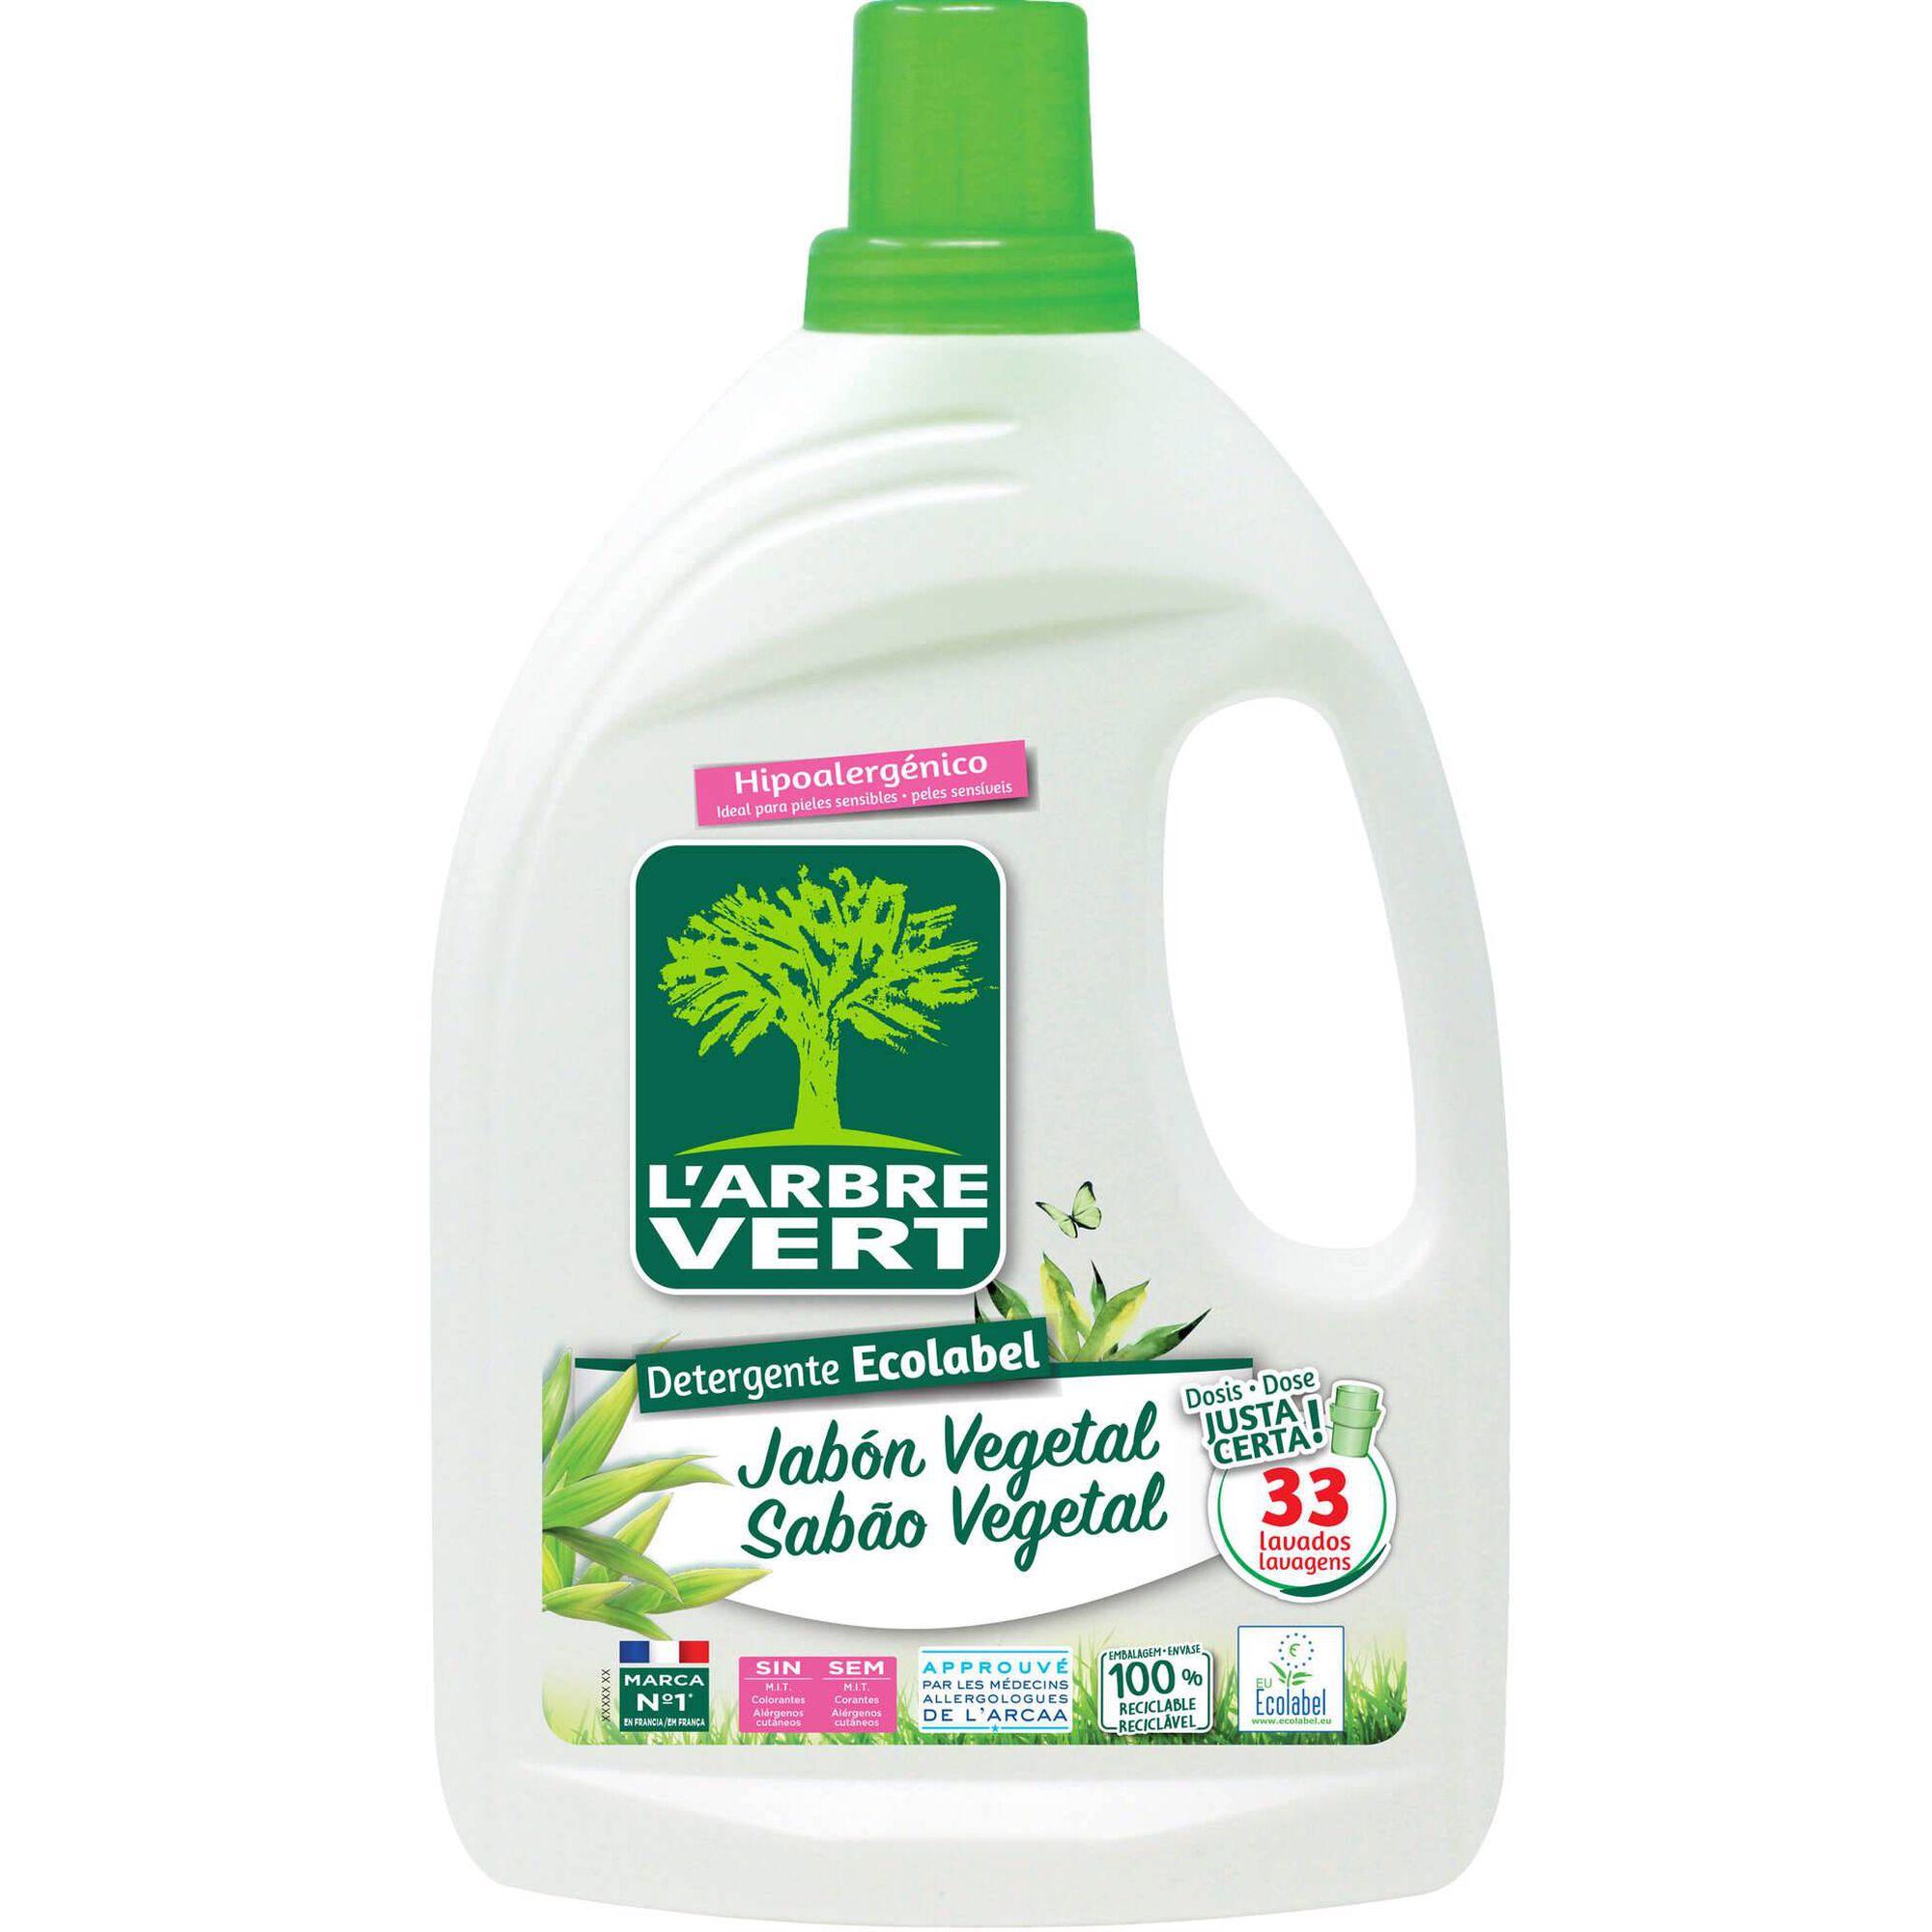 Detergente Máquina Roupa Líquido Sabão Vegetal